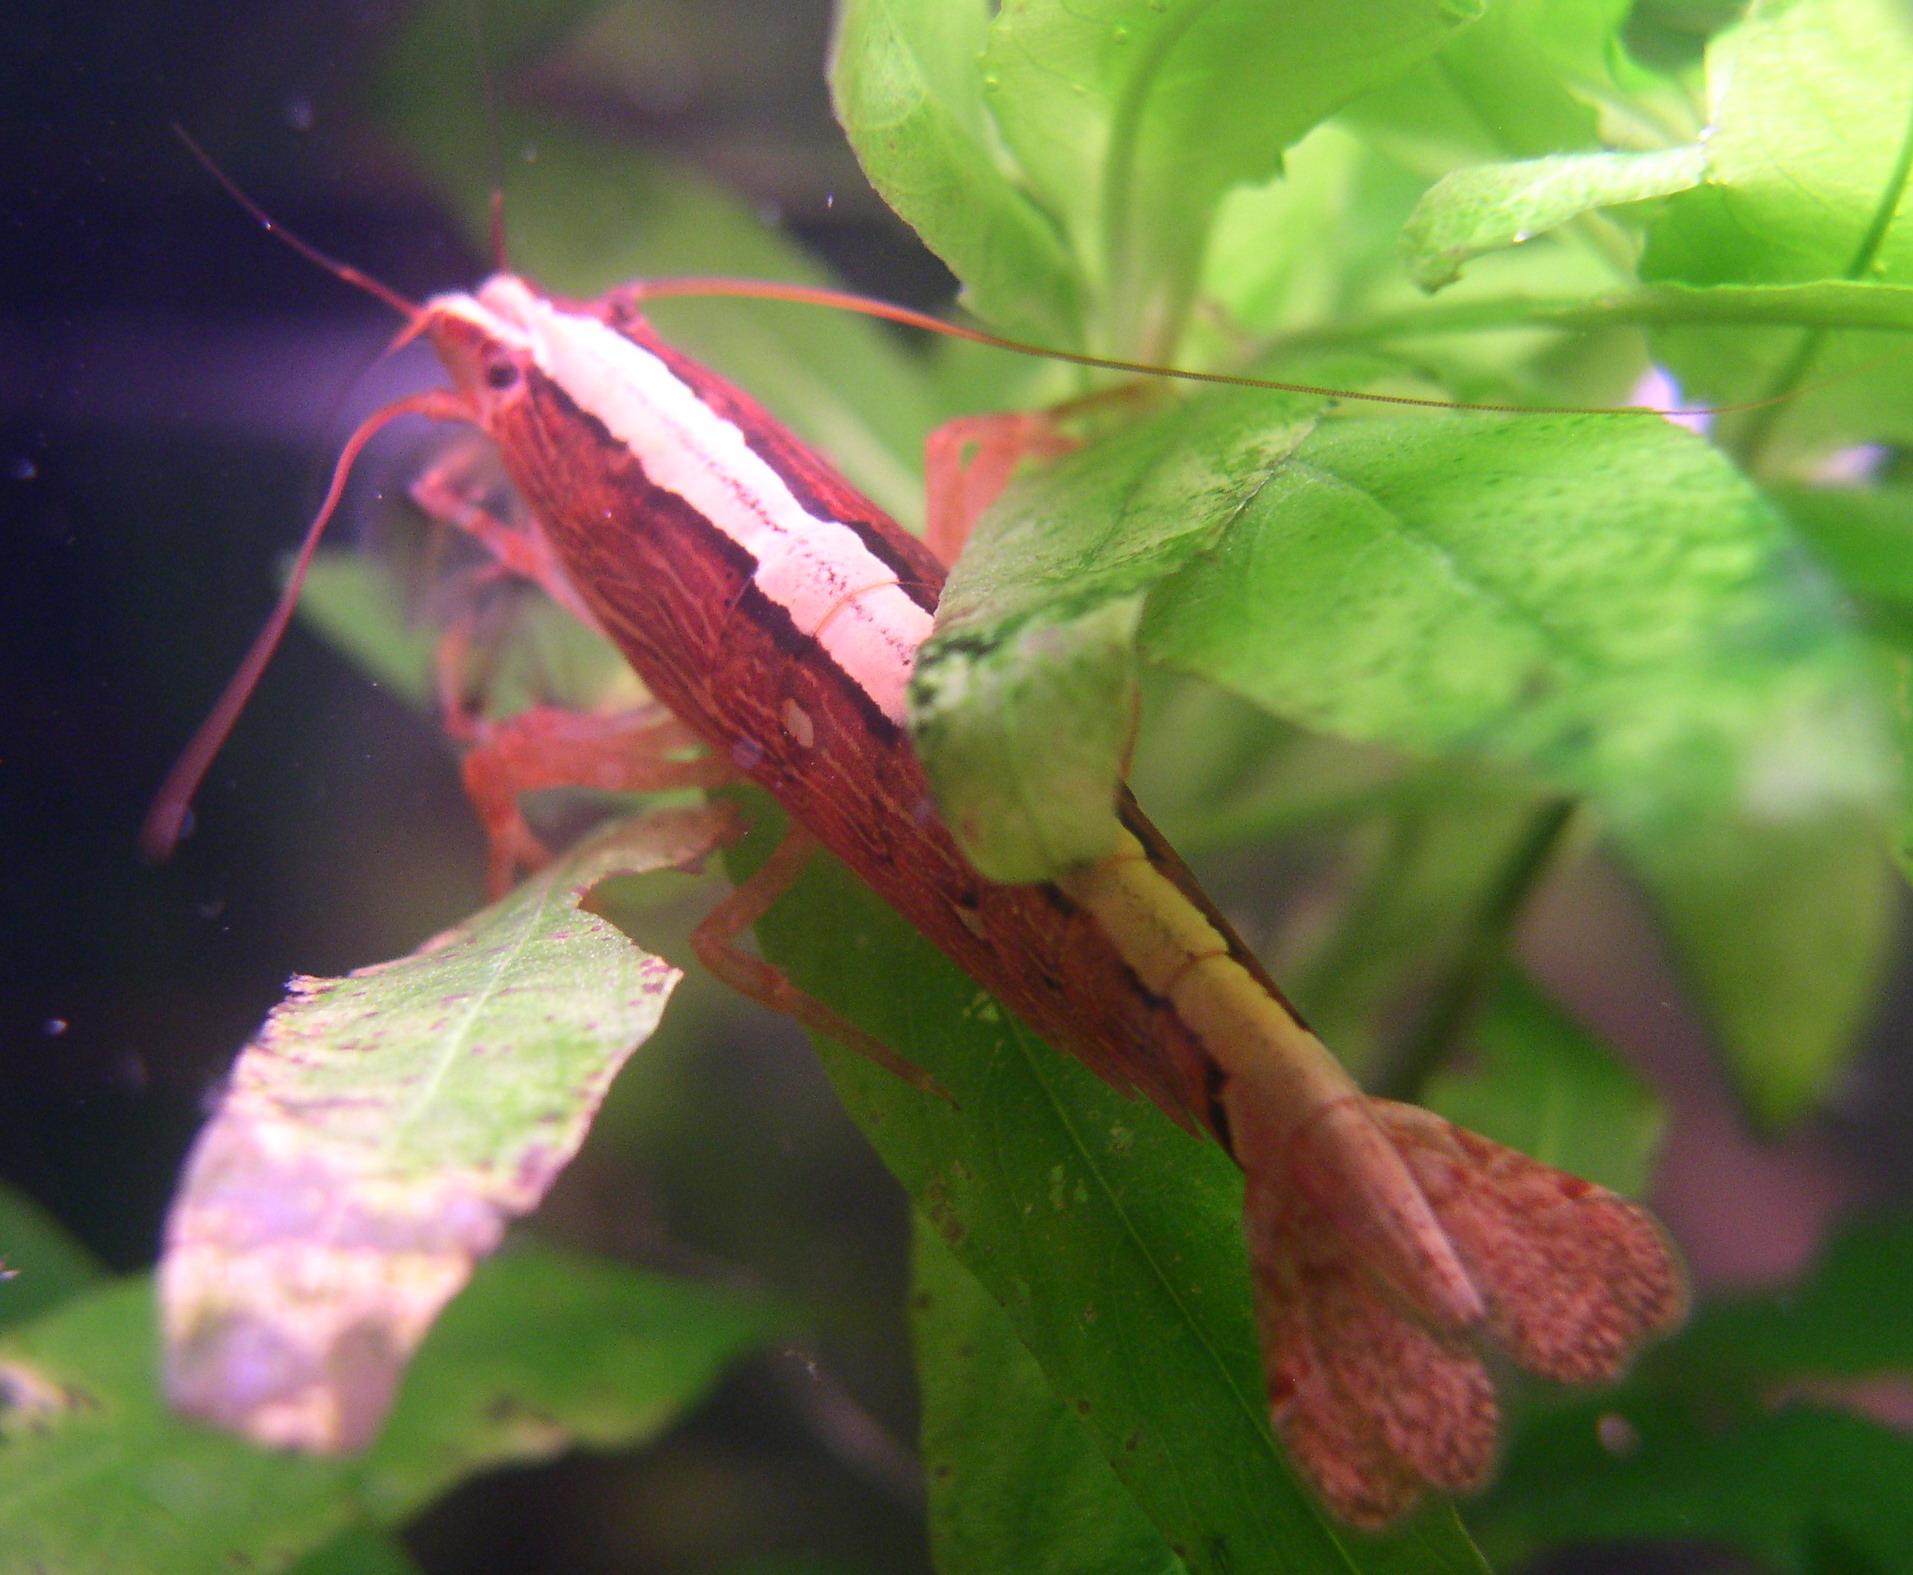 Demande de renseignements pour maintenance de crevettes sur sol technique Atyopis_moluccensis_112005_1